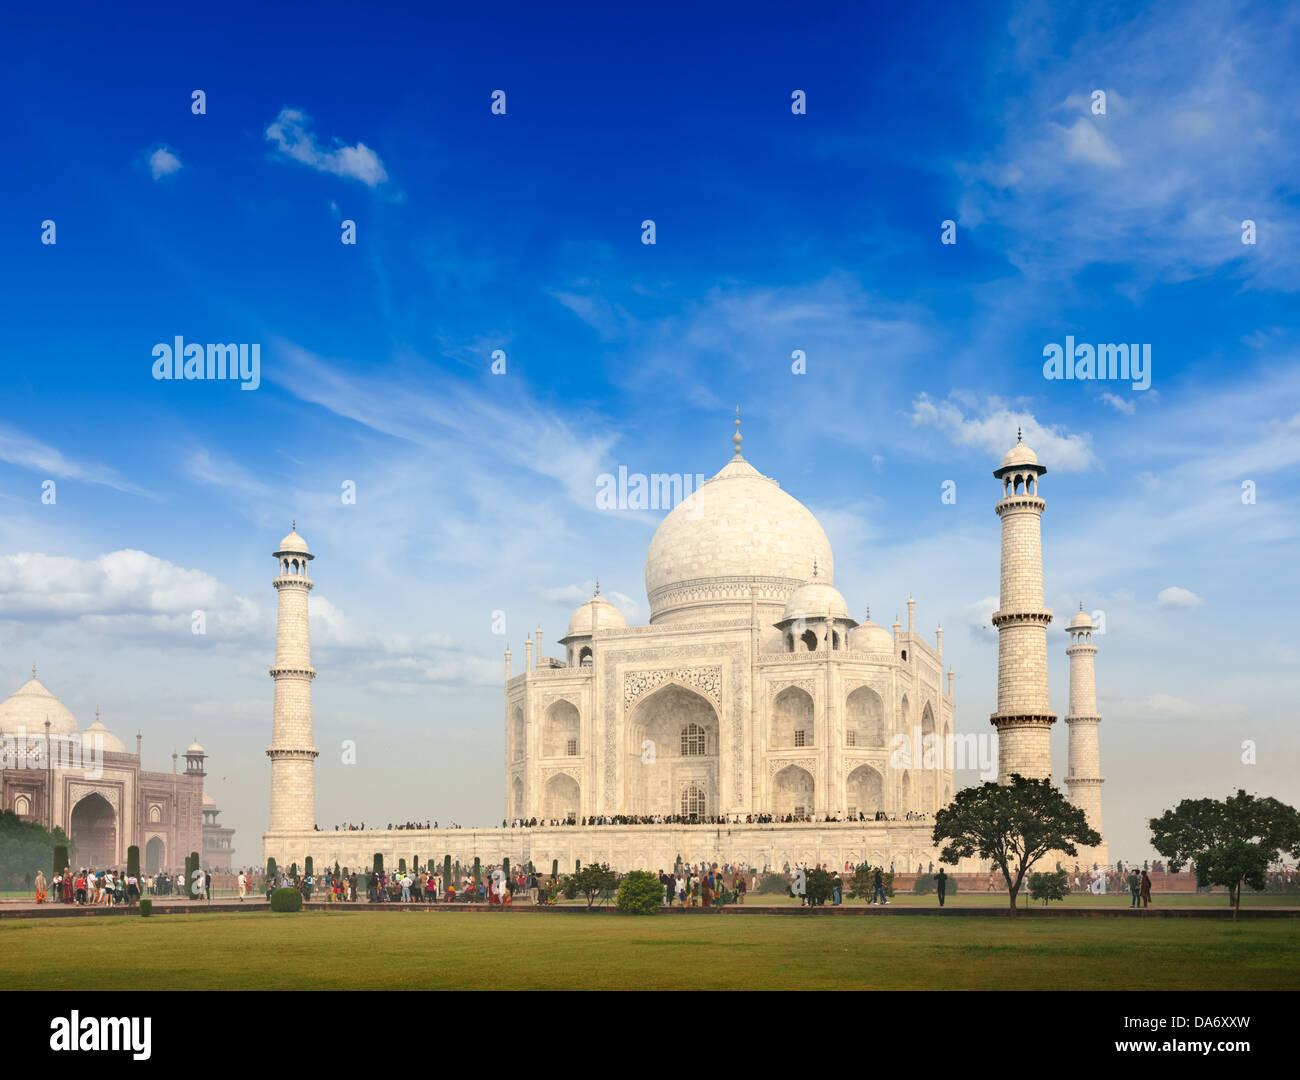 Taj Mahal. Indischen Symbol - Indien Reisen Hintergrund. Agra, Indien Stockbild